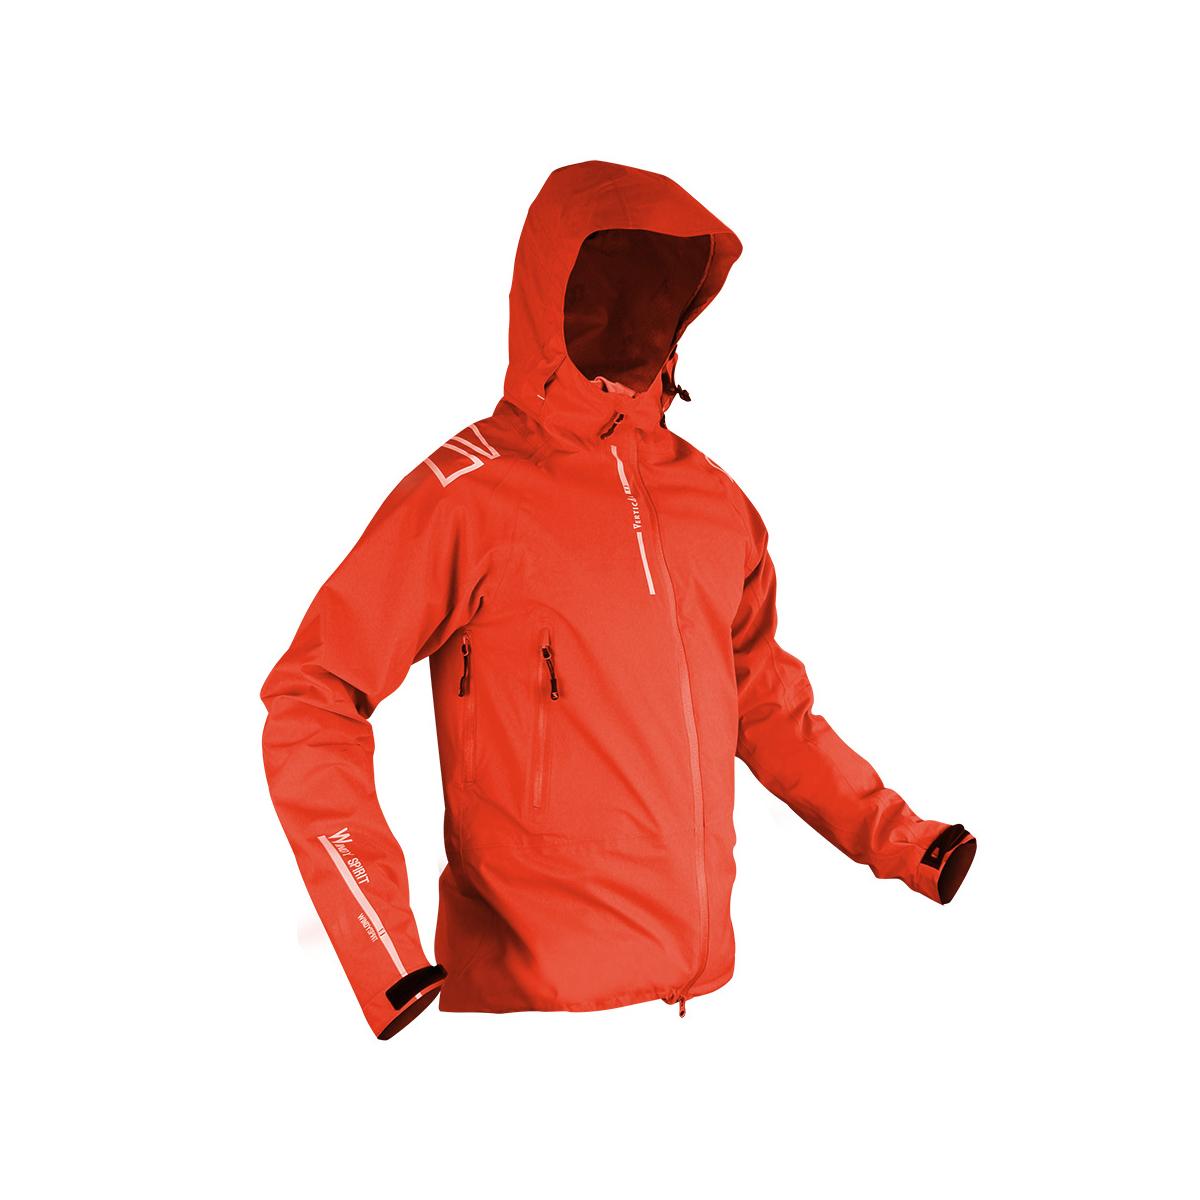 333037a5d4921c Test vêtements ski de rando Vertical - Ski rando magazine